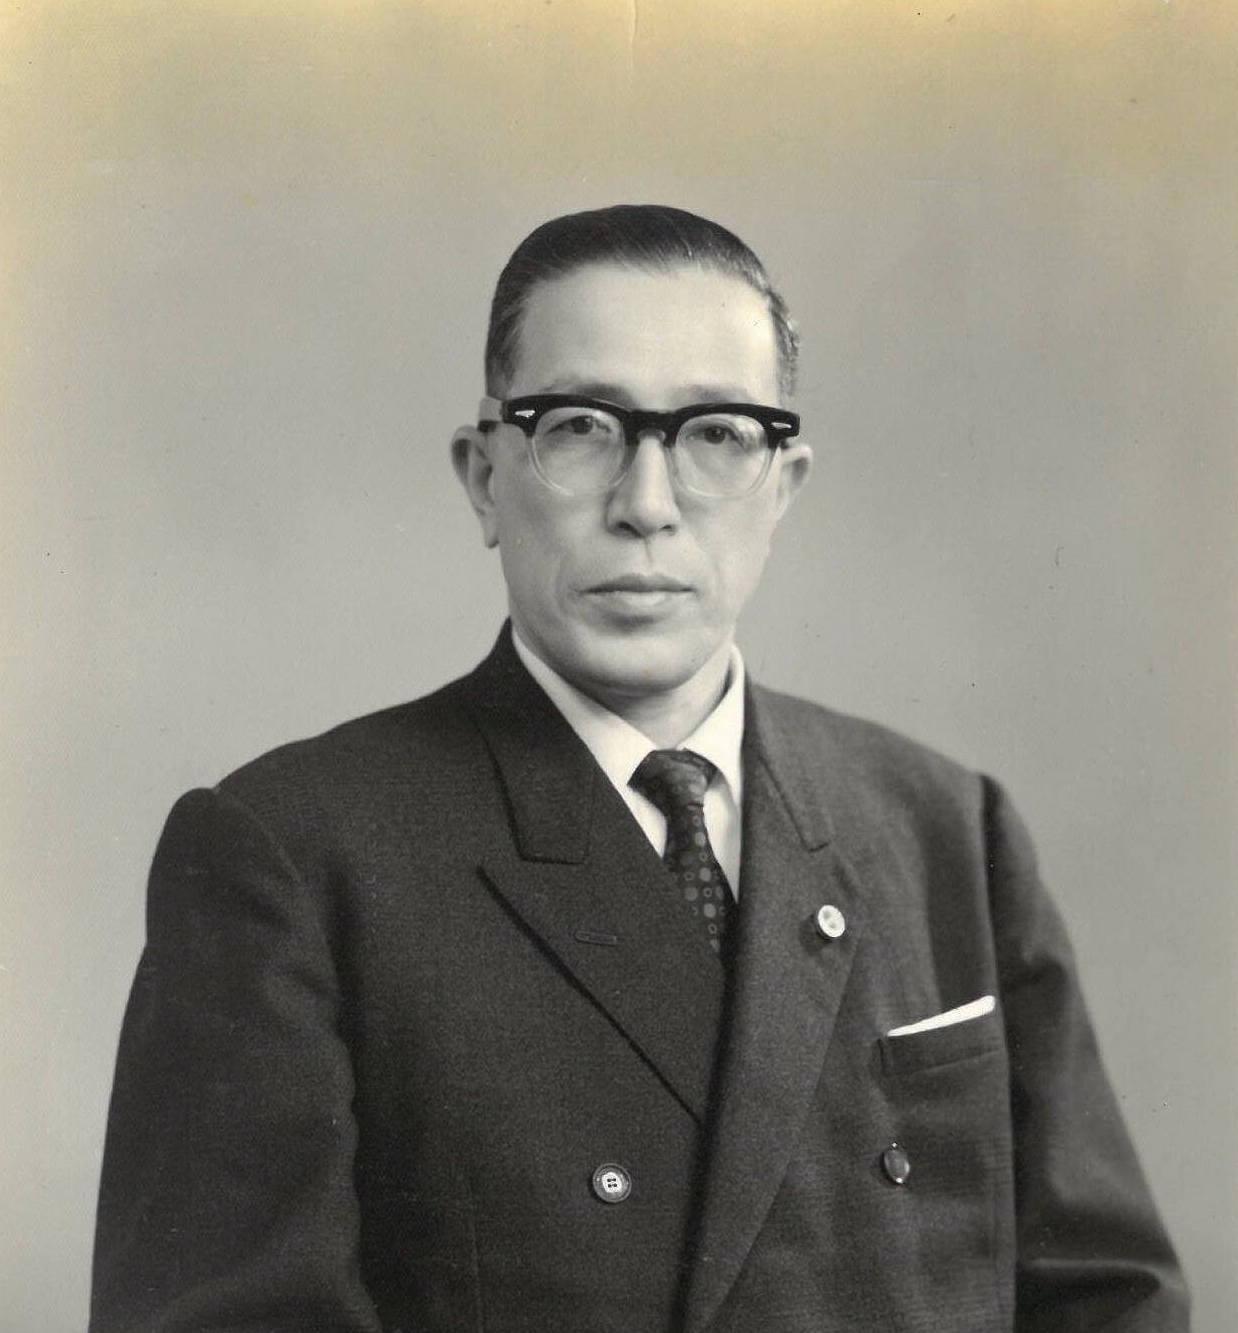 京都弁護士会会長・日本弁護士連合会理事に就任の記念写真